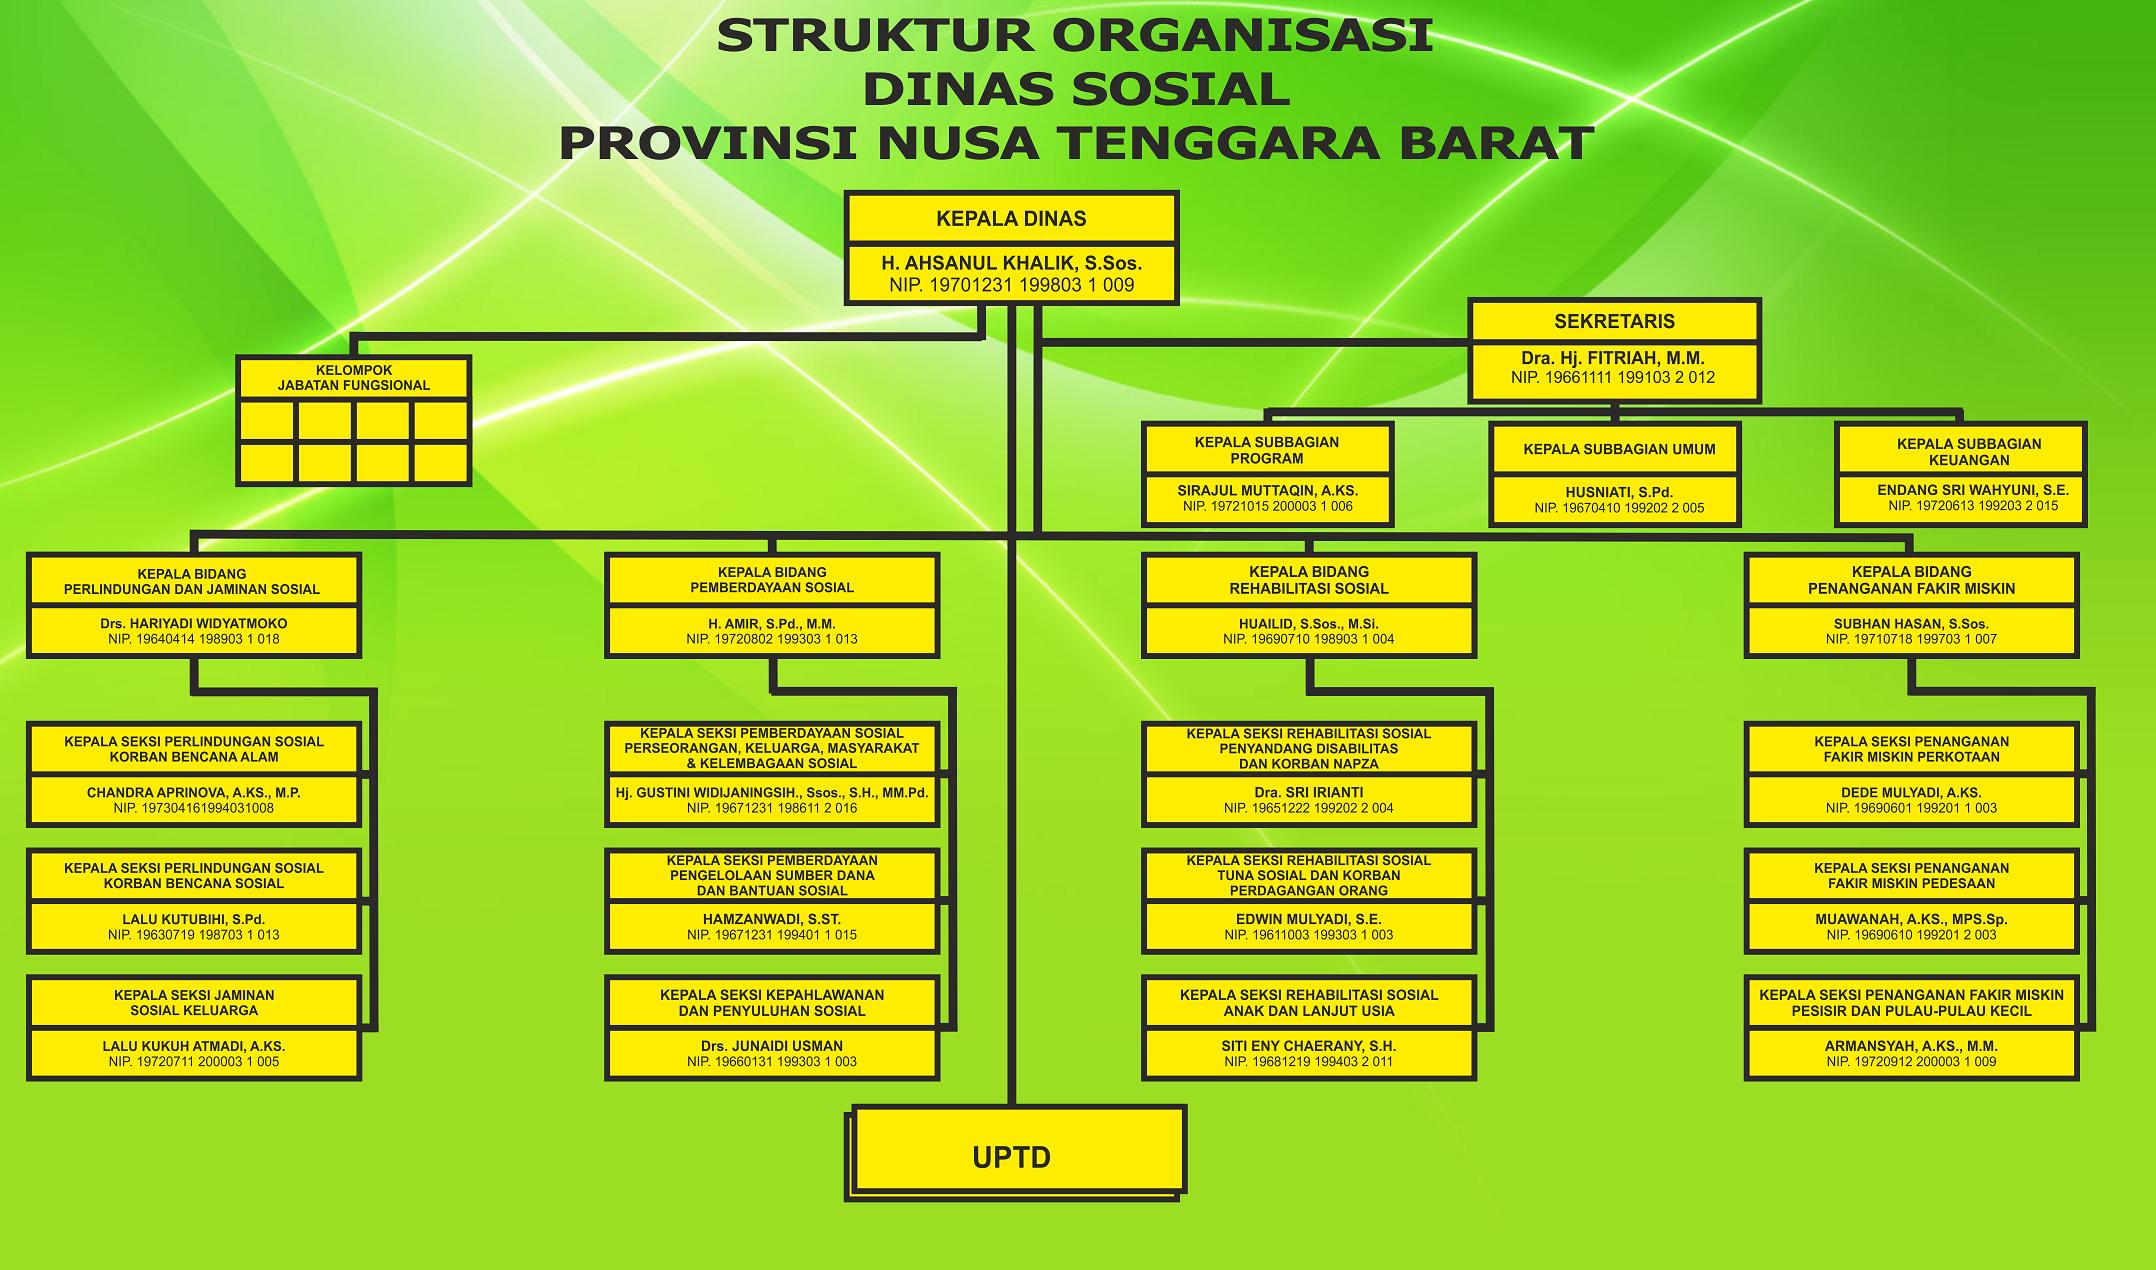 Struktur Organisasi - DINAS SOSIAL PROVINSI NTB